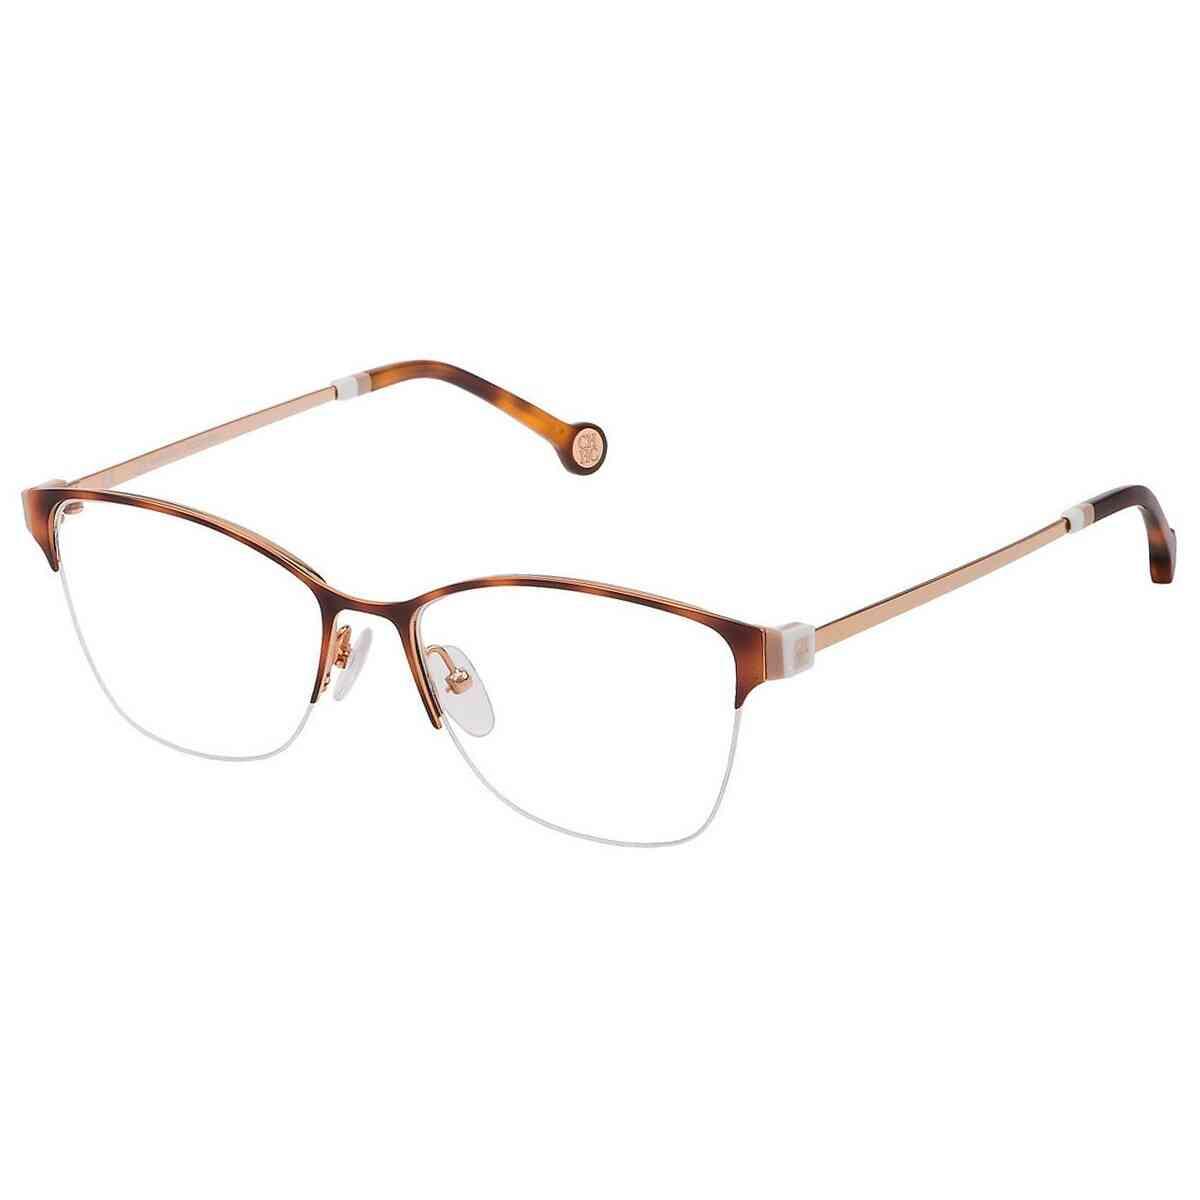 Óculos de Grau Carolina Herrera Feminino com Fio de Nylon VHE137